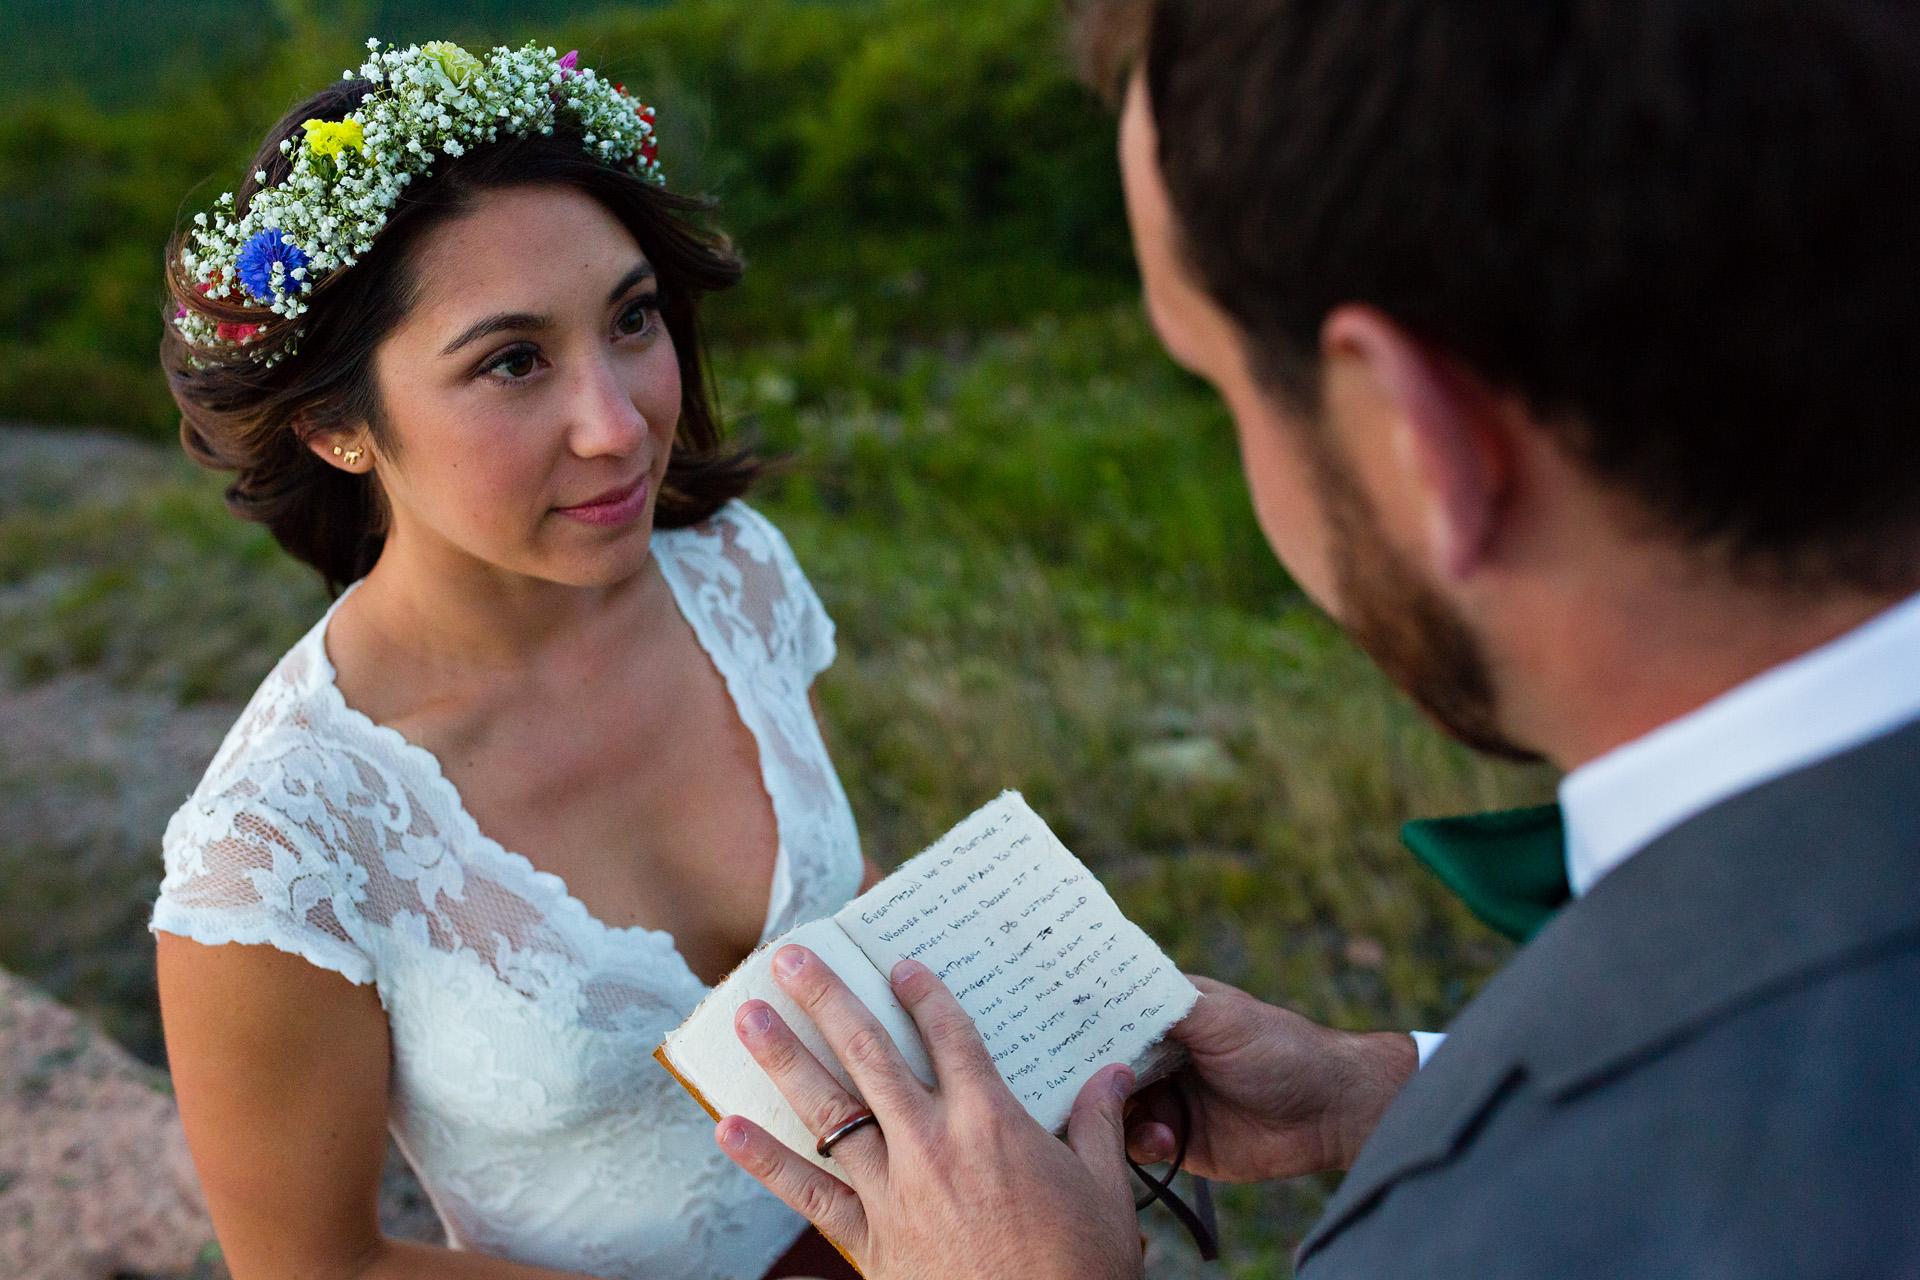 Kate Crabtree du Maine a photographié cet échange de vœux en plein air entre la mariée et le marié